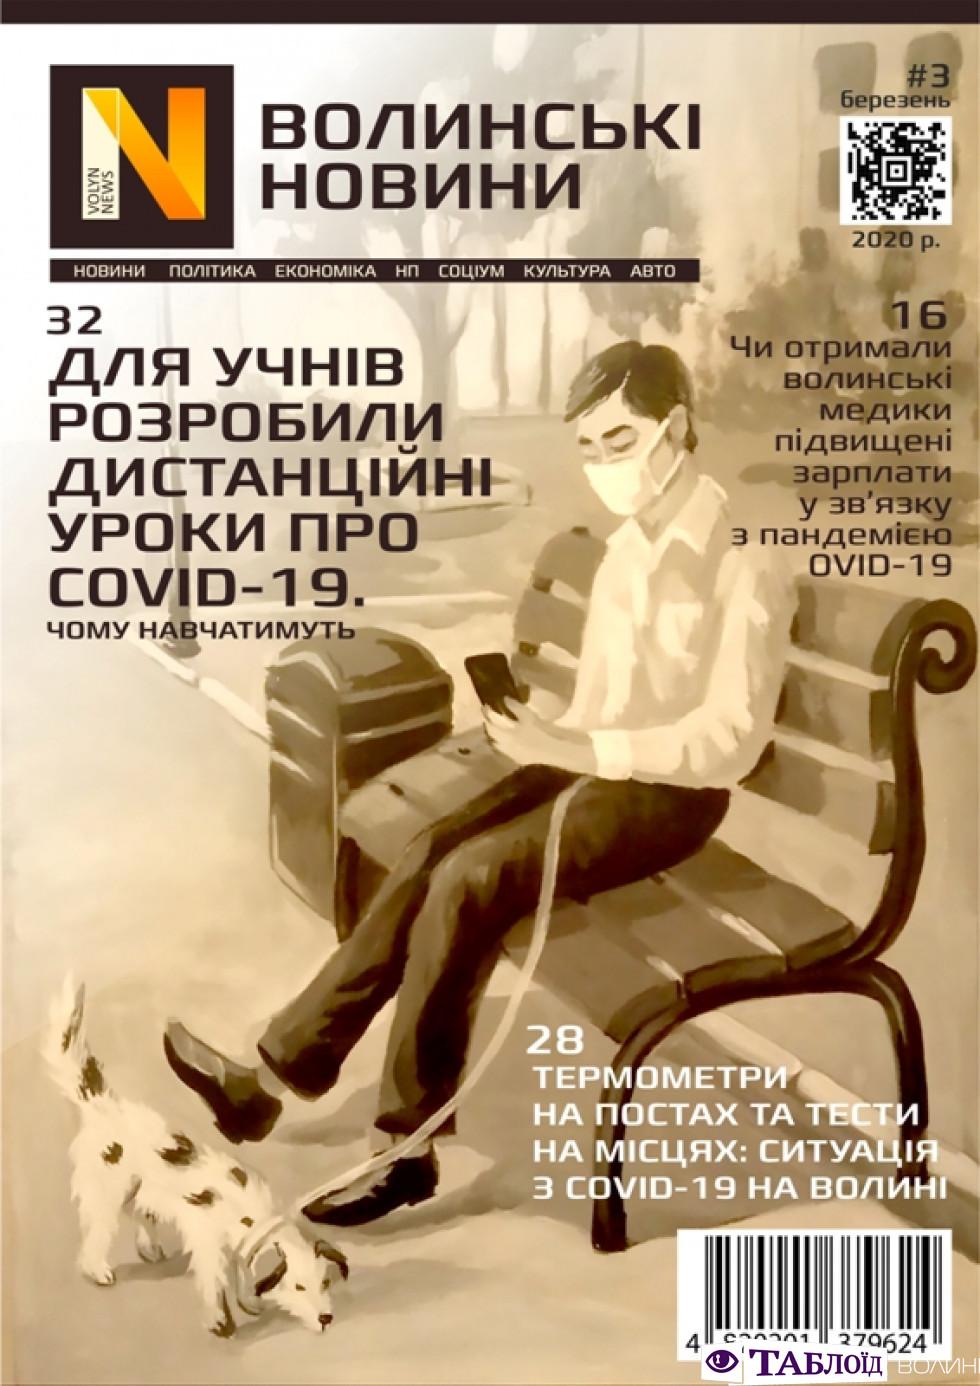 «Волинські новини. Авторка: Юлія Марінчук